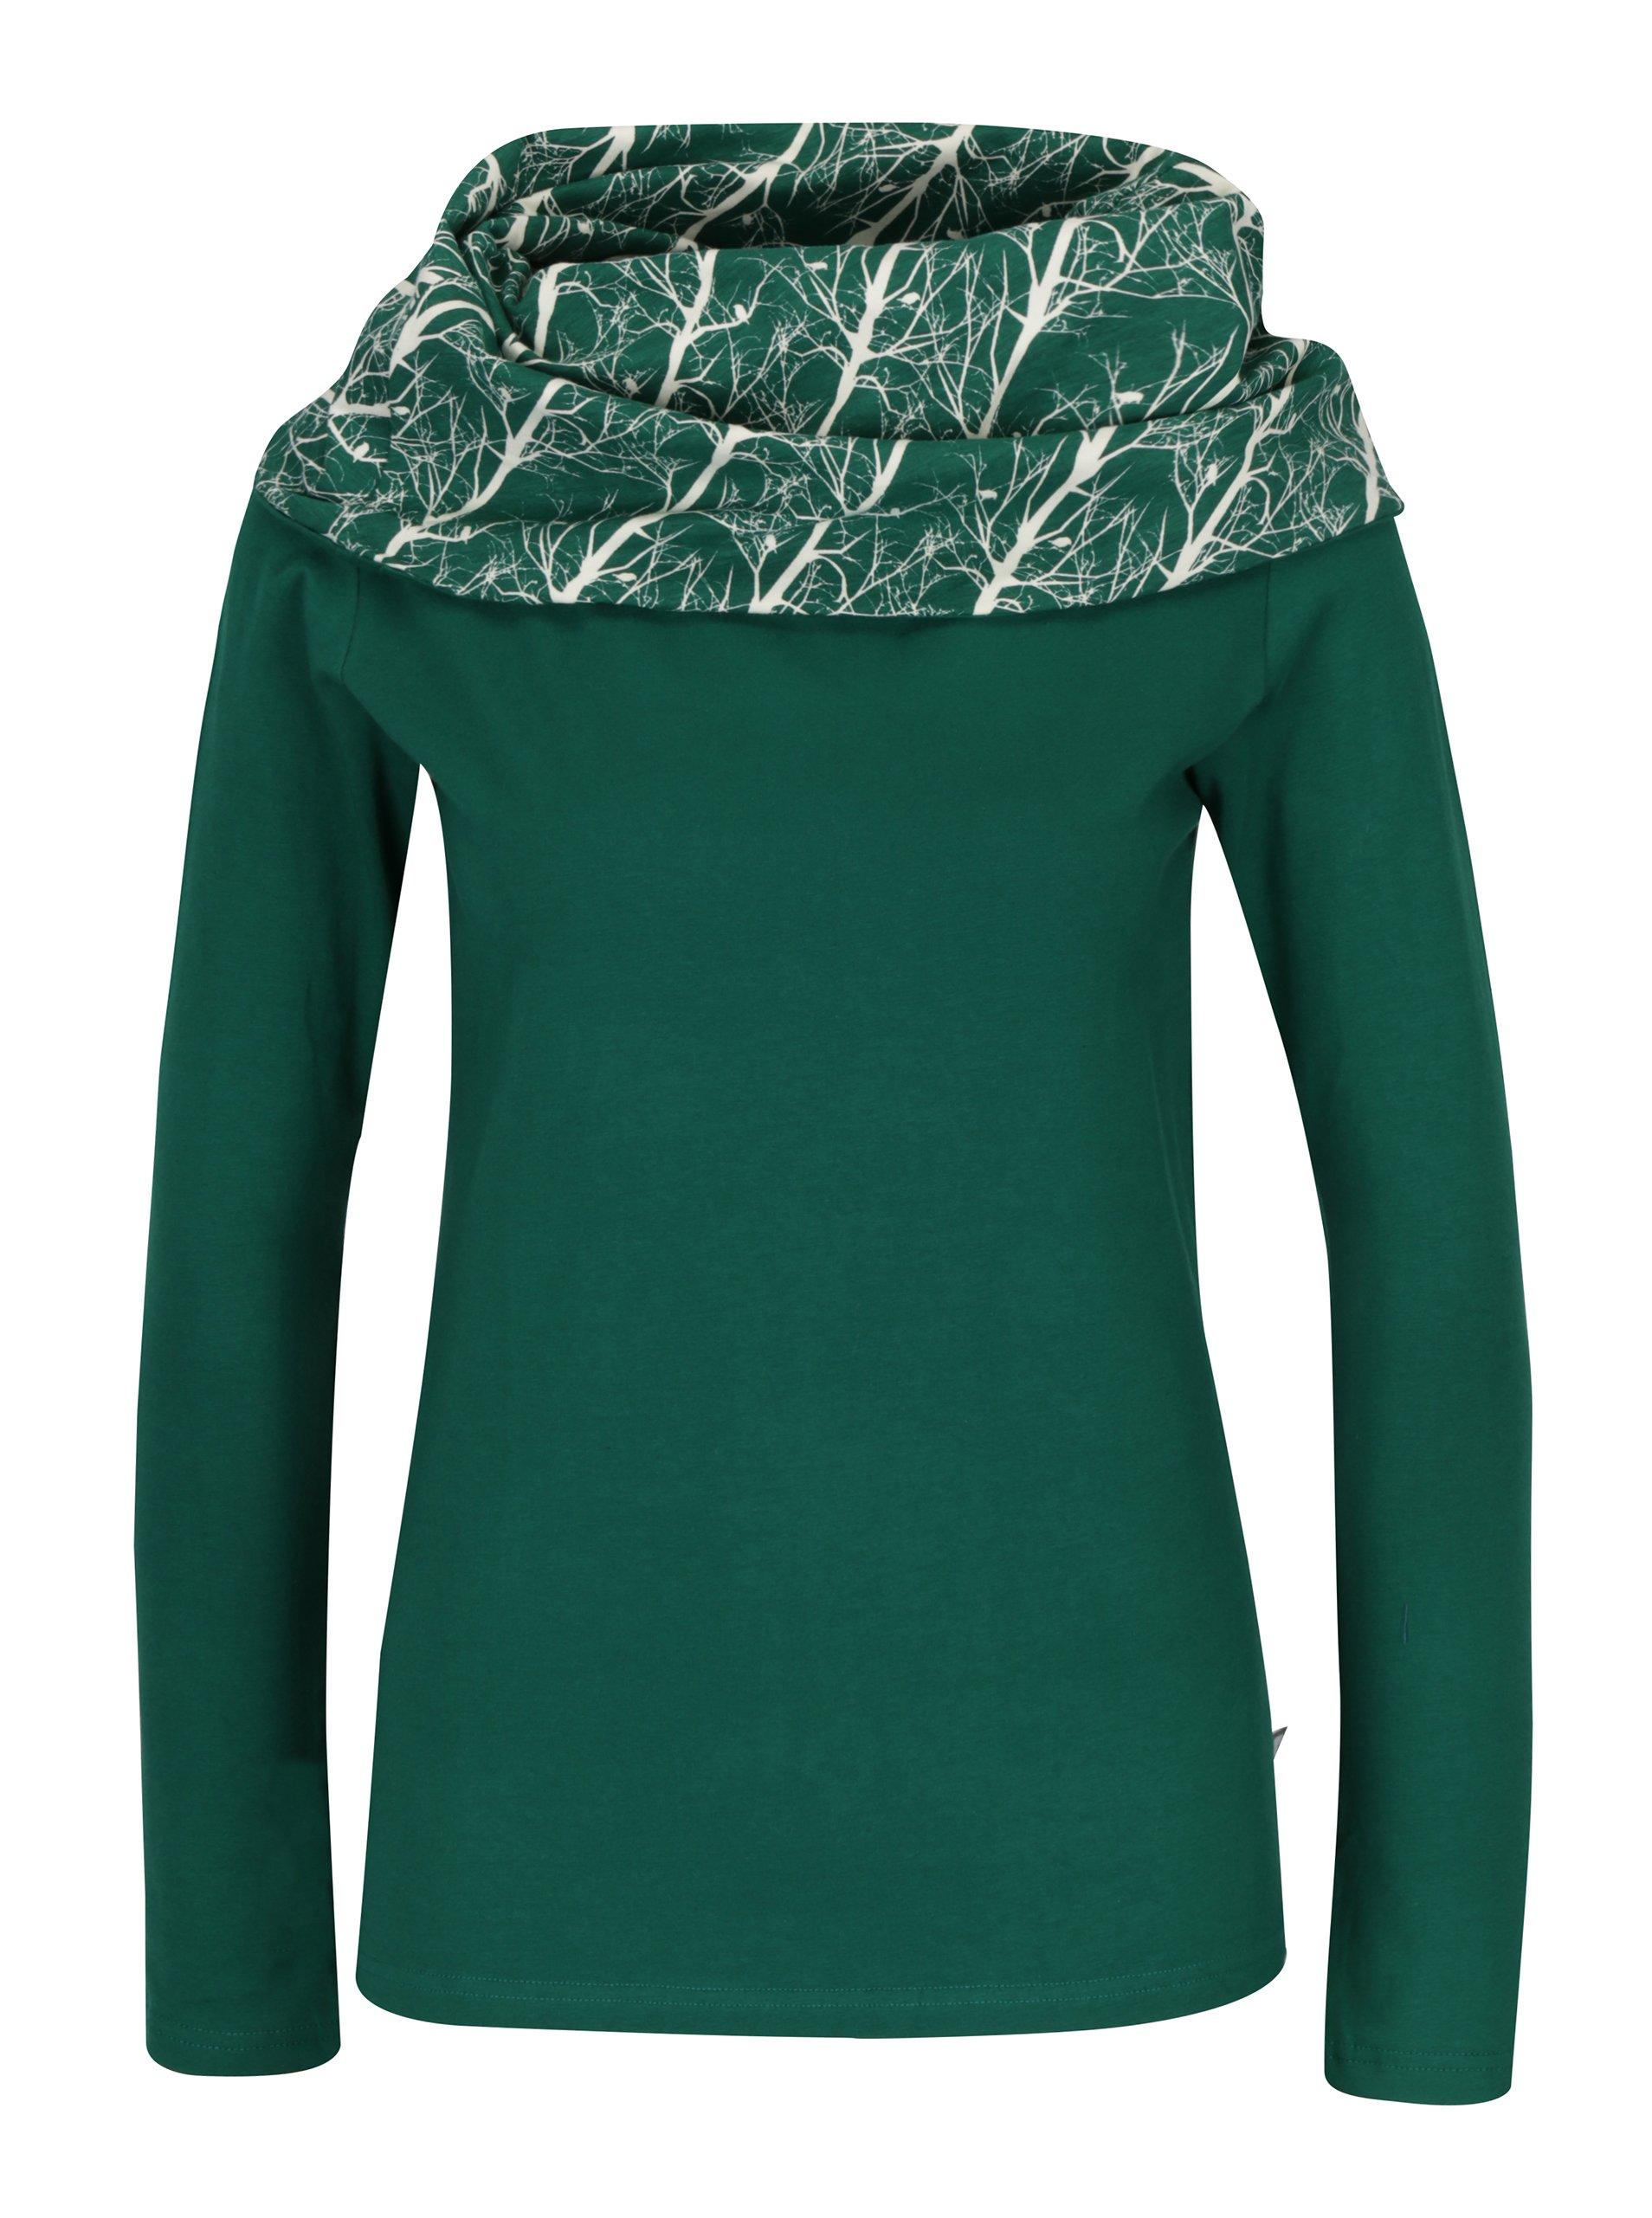 Zelené tričko s vysokým vzorovaným límcem Tranquillo Santiago